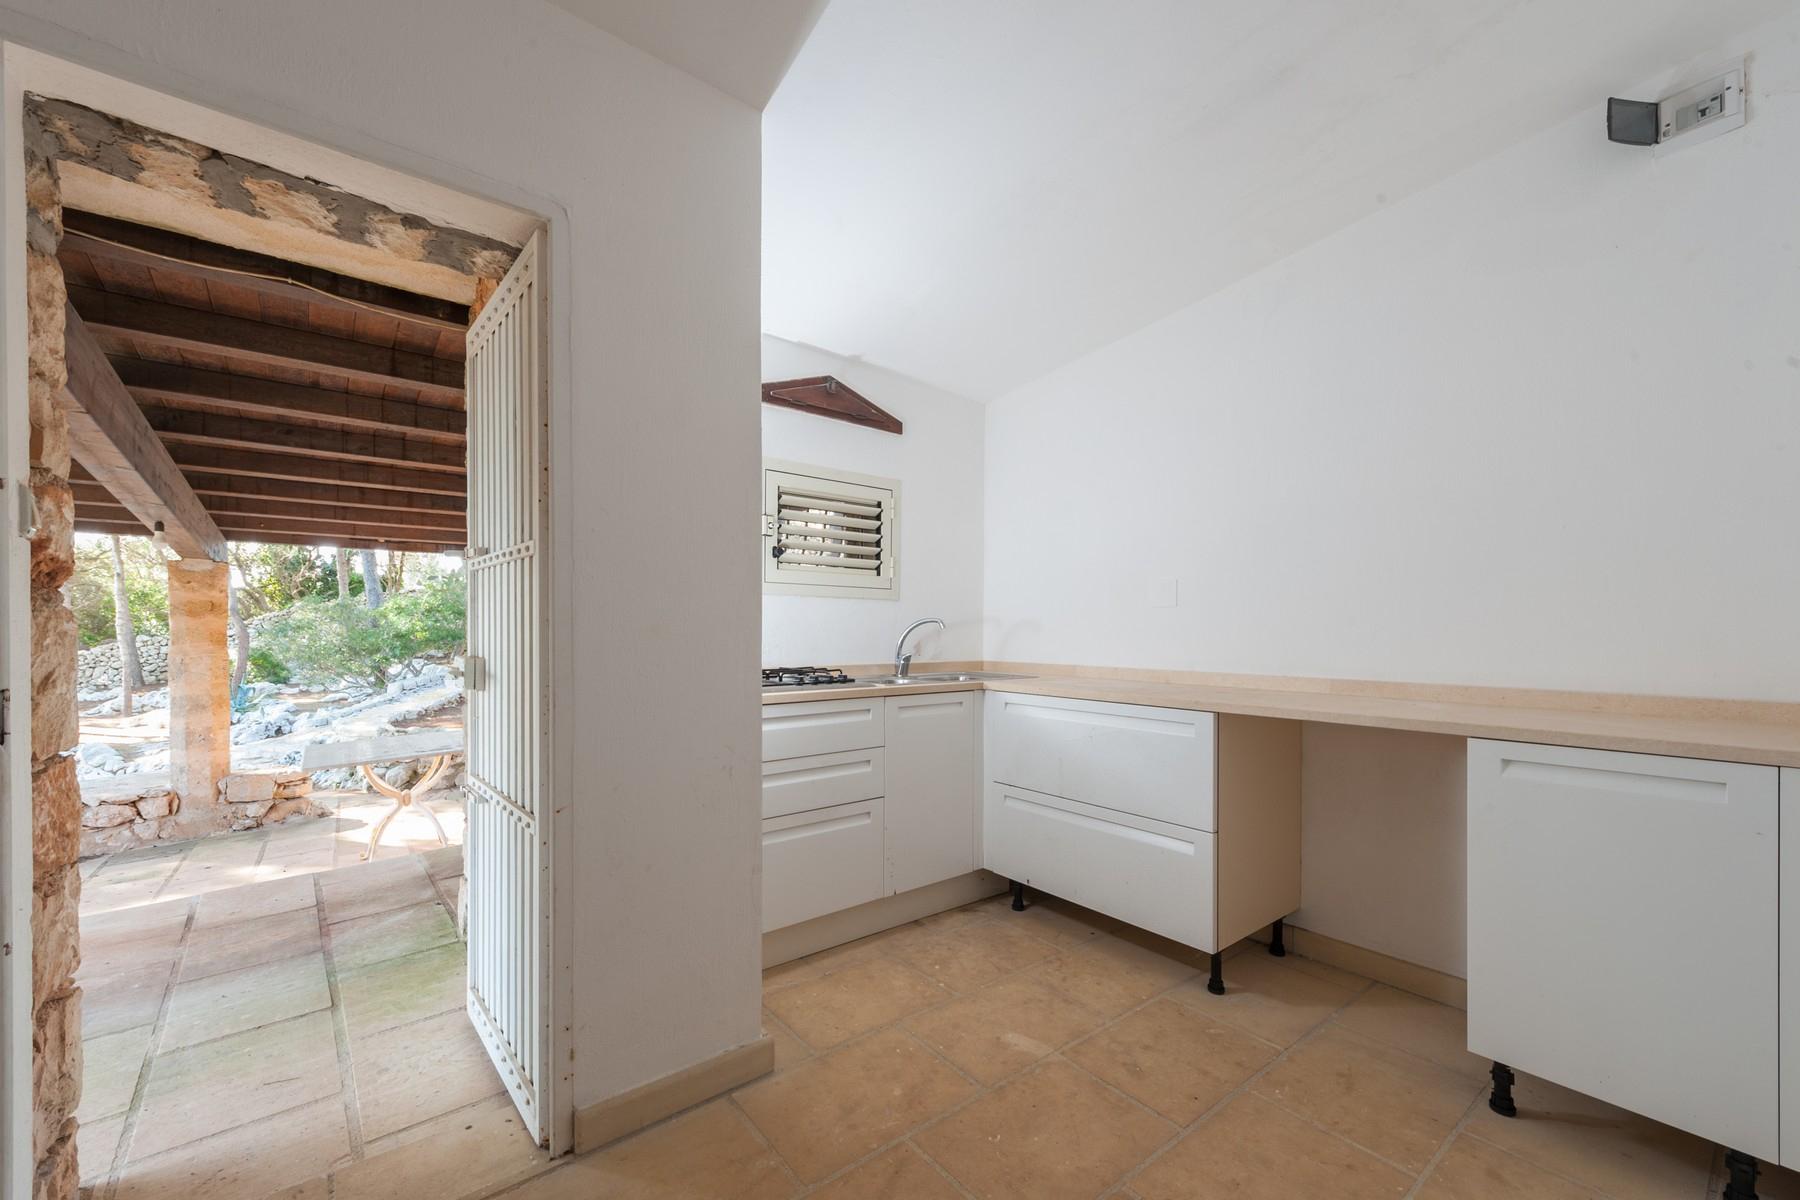 Casa indipendente in Vendita a Gagliano Del Capo: 5 locali, 290 mq - Foto 25